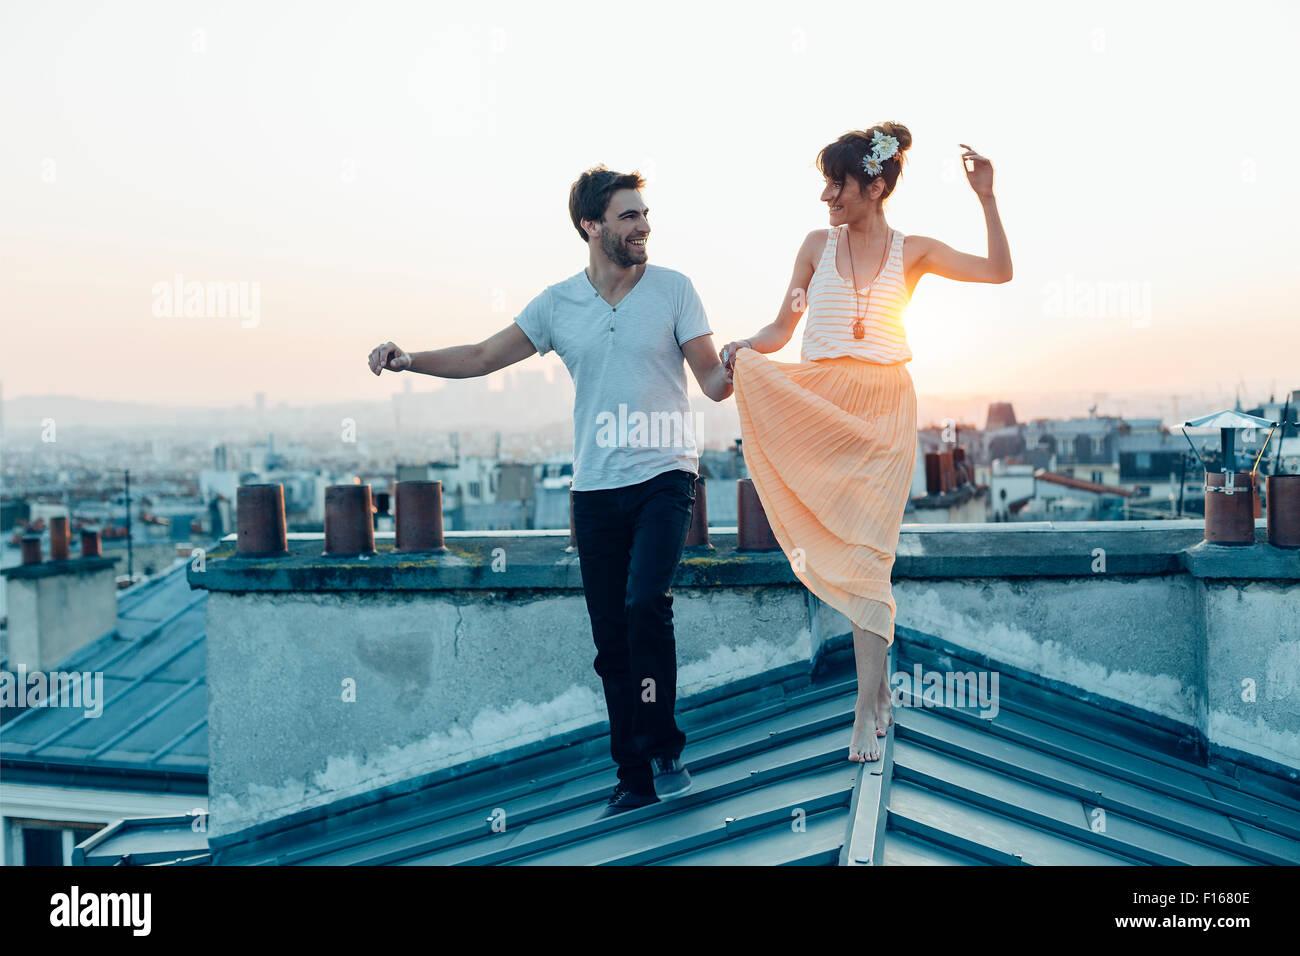 París, Pareja caminando sobre los techos de París Imagen De Stock